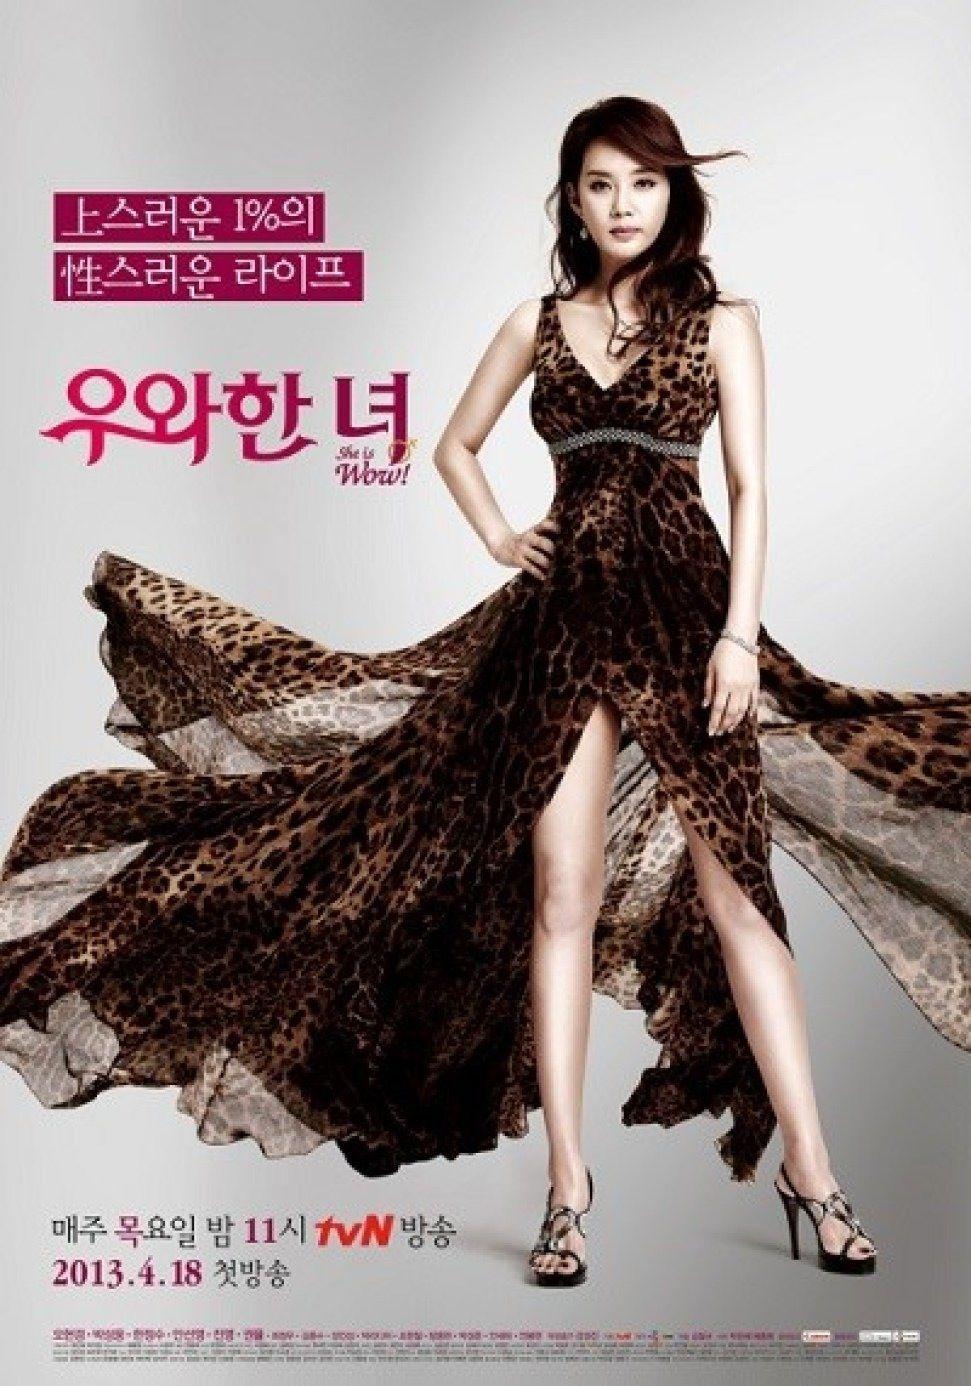 0477e59e2e1c427bca14ce700408d089 - Актеры дорамы: Она – просто нечто / 2013 / Корея Южная